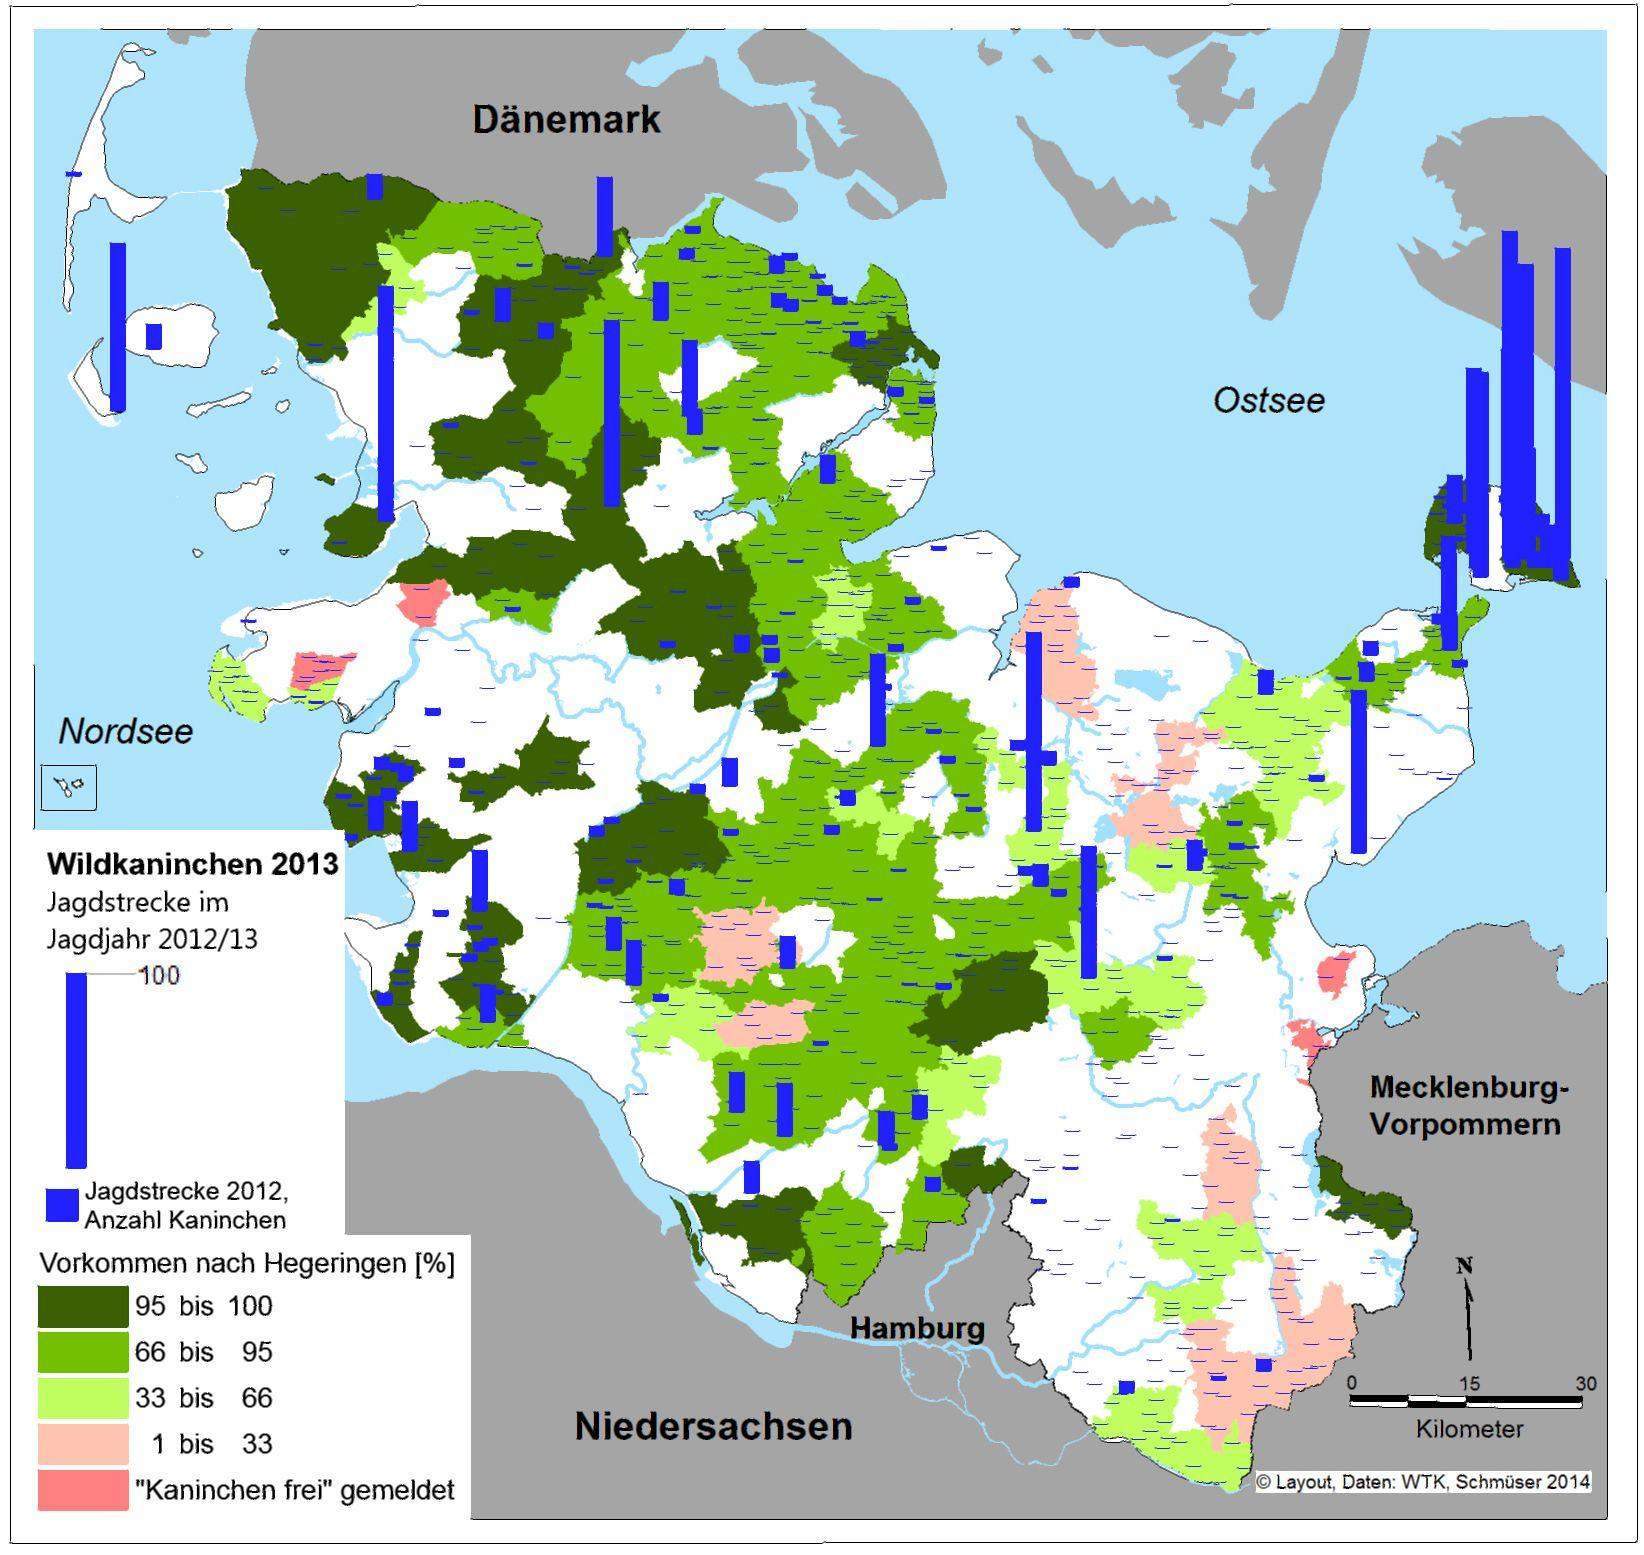 Abbildung 2: Lokalisation und Ergebnis der Bejagung (Jagdjahr 2012/13) und Vorkommen nach relativer Dichte der Kaninchen 2013